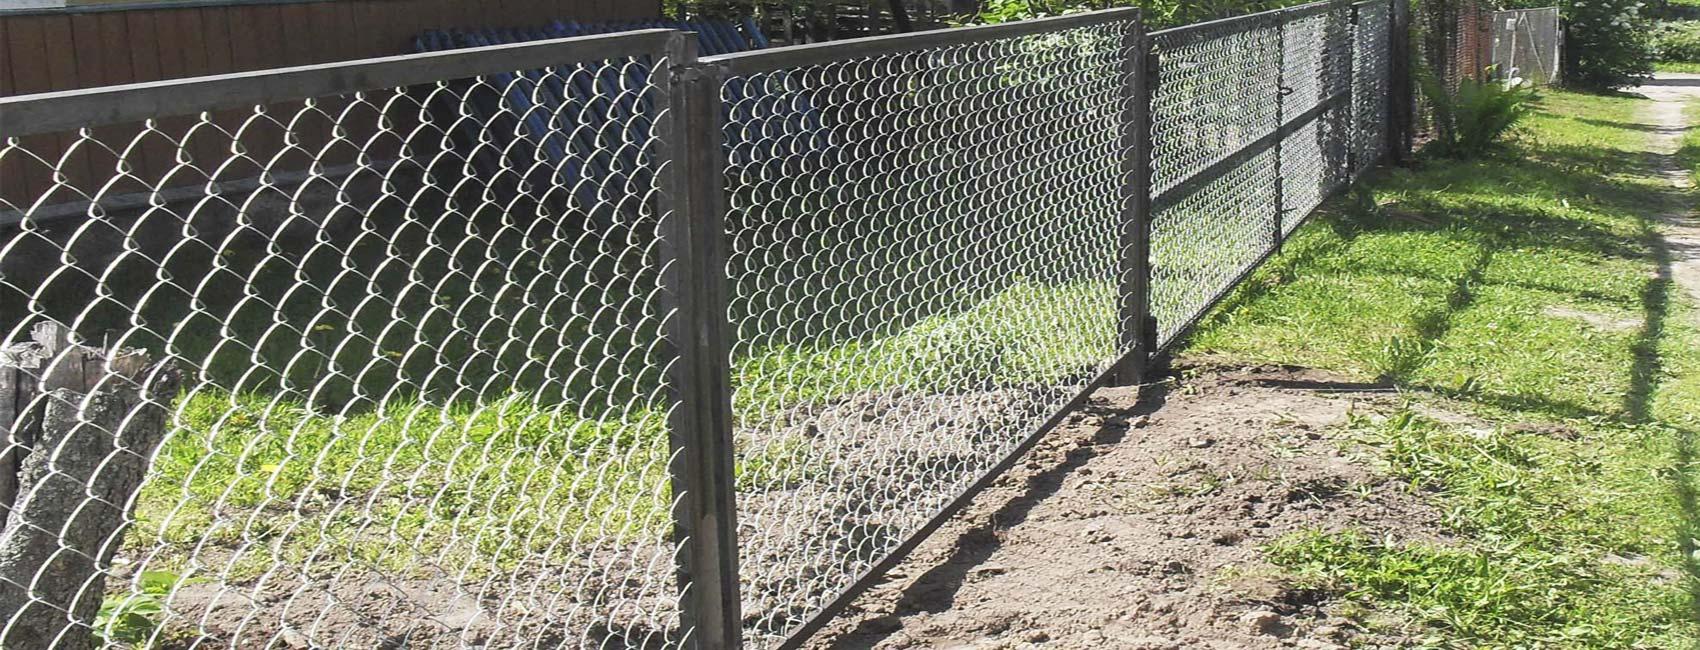 забор под ключ цены в подольске